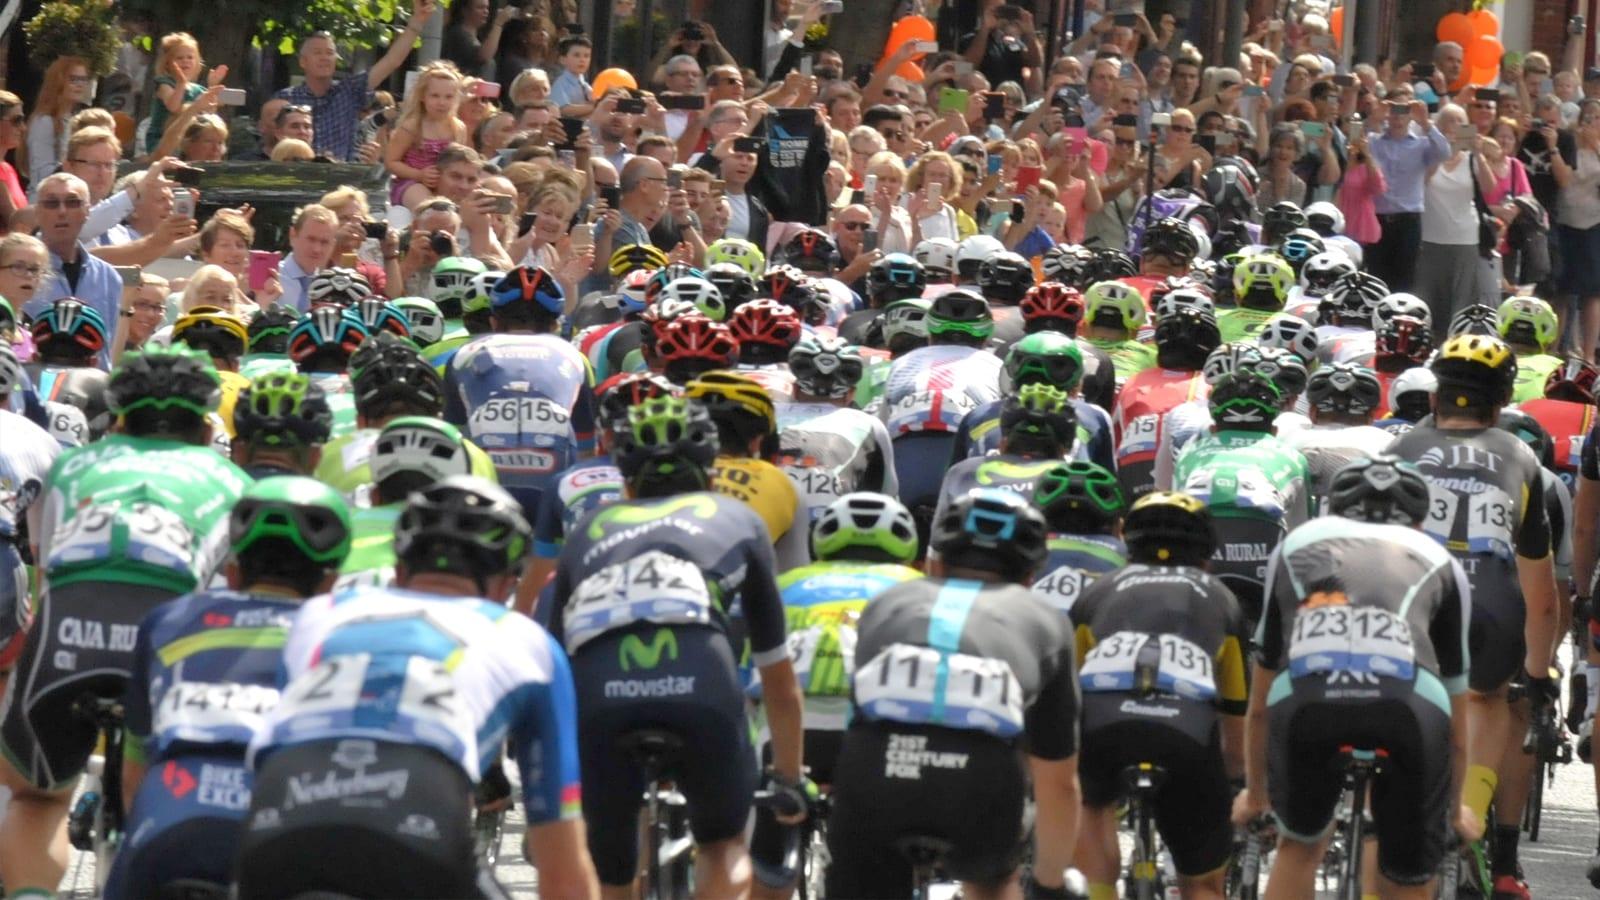 Cornwall cycling